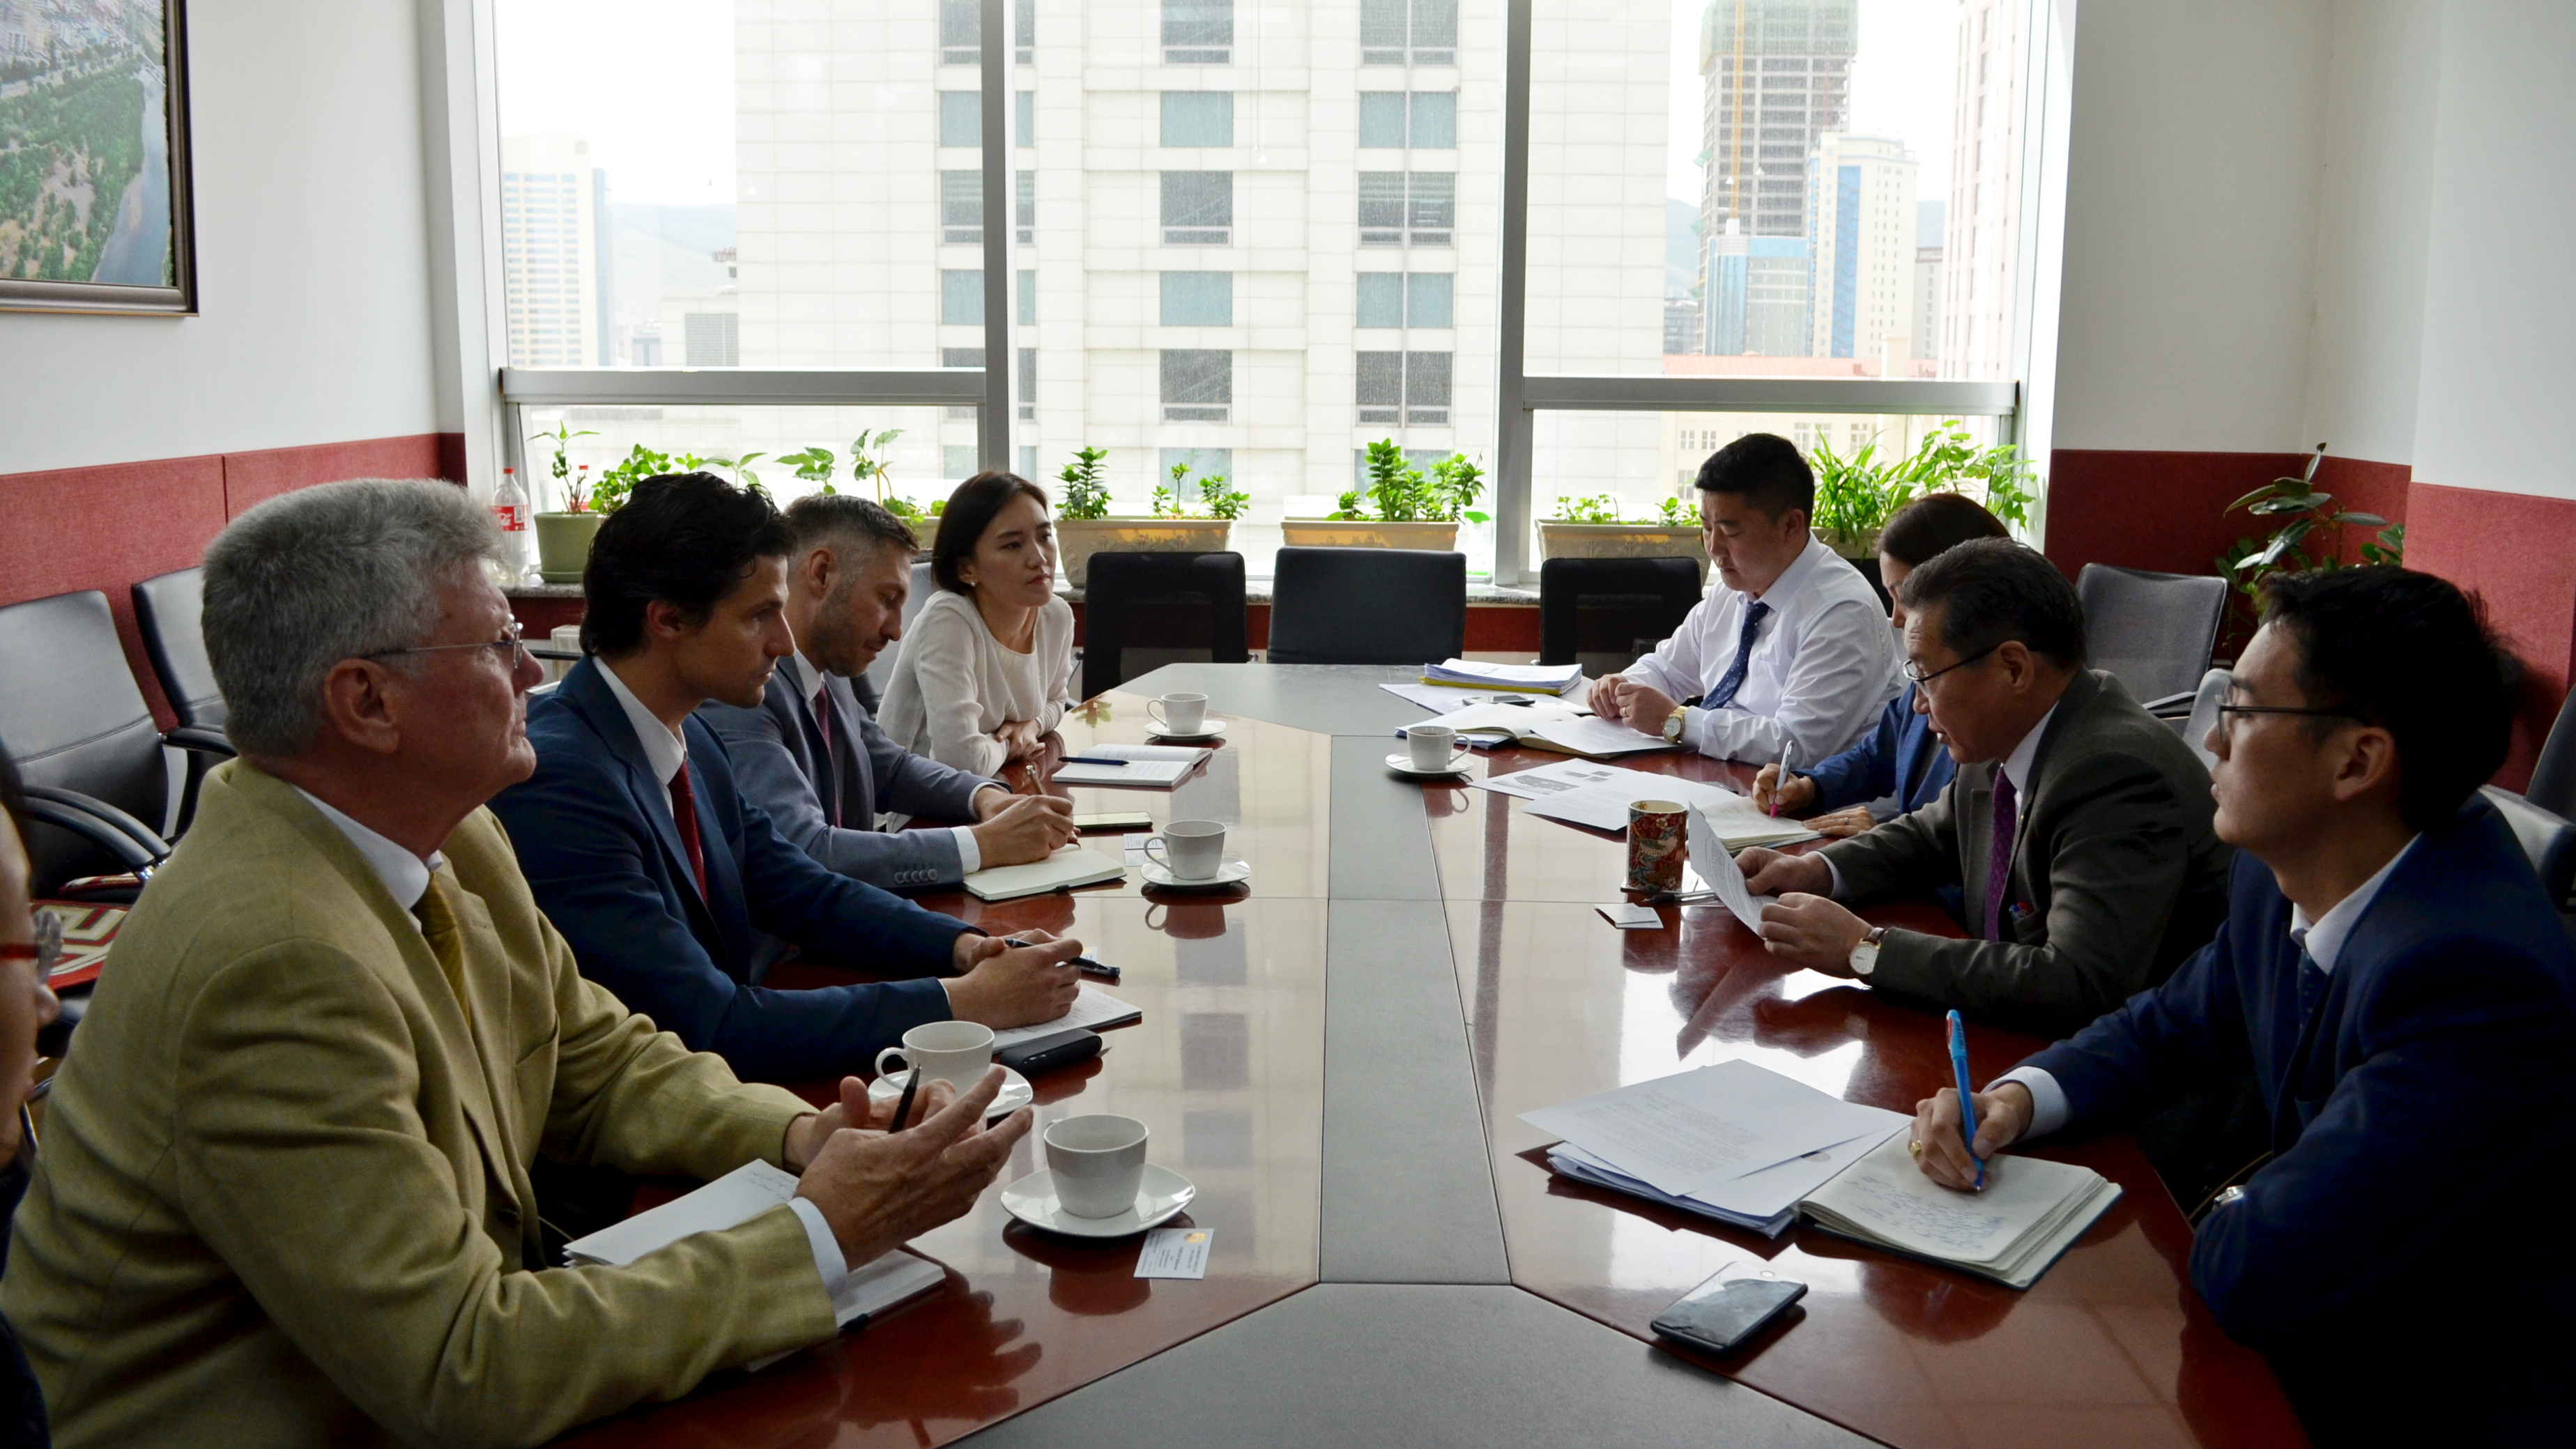 Даян дэлхийн ногоон хөгжлийн байгууллага, GIZ Германы хамтын ажиллагааны байгууллагуудын төлөөлөгчдийг хүлээн авч уулзлаа